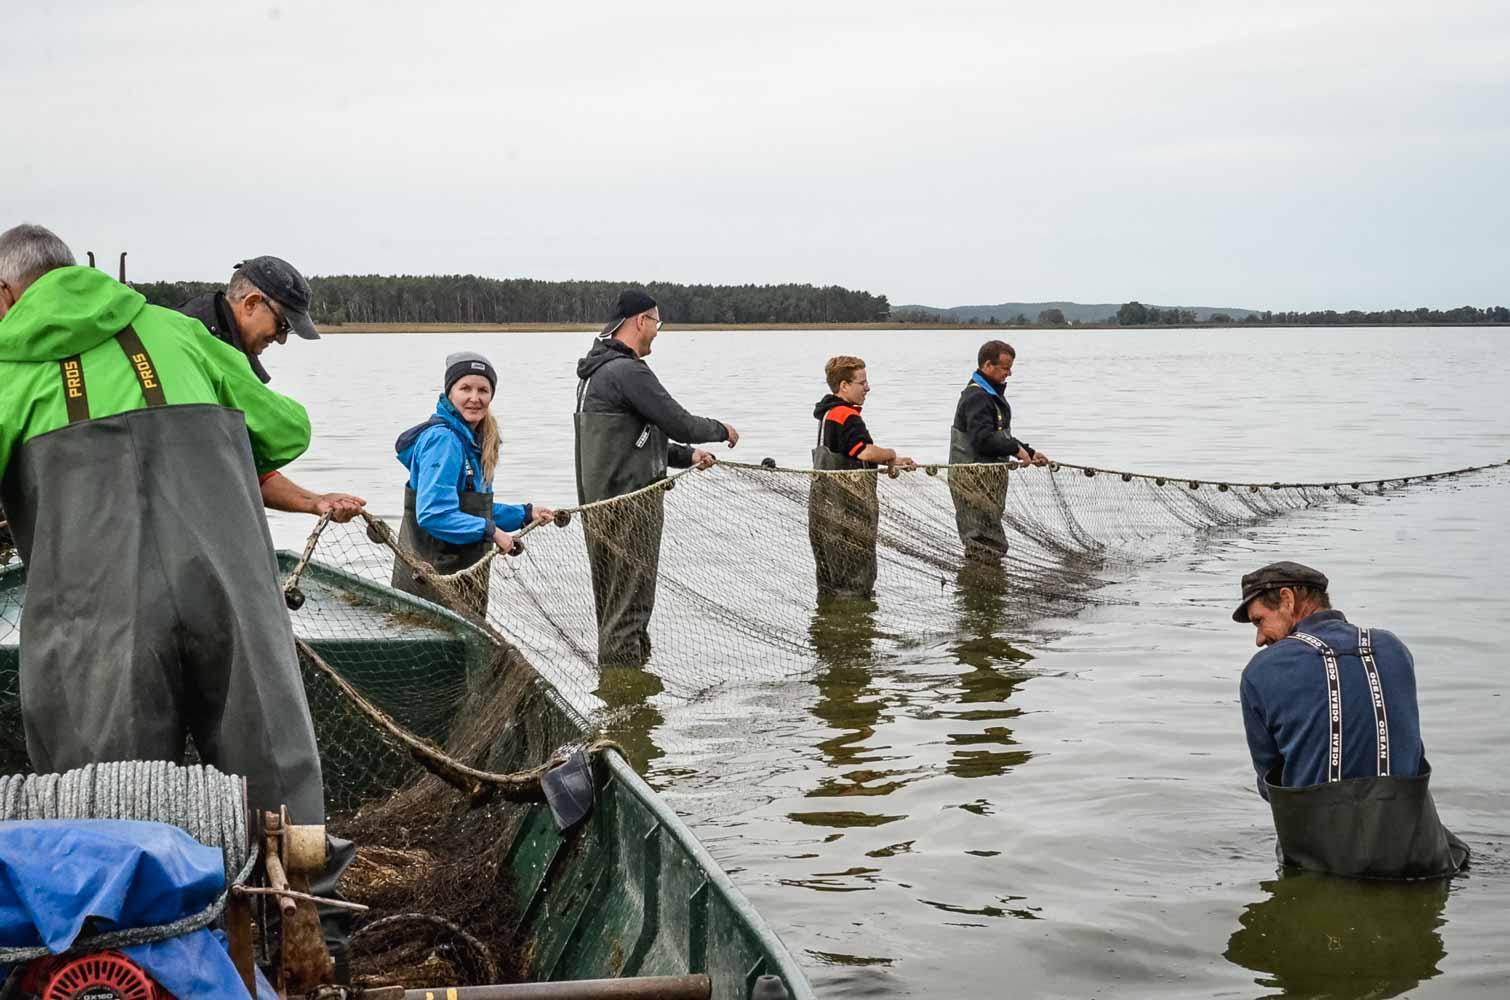 Netzfischen auf dem Gülper See